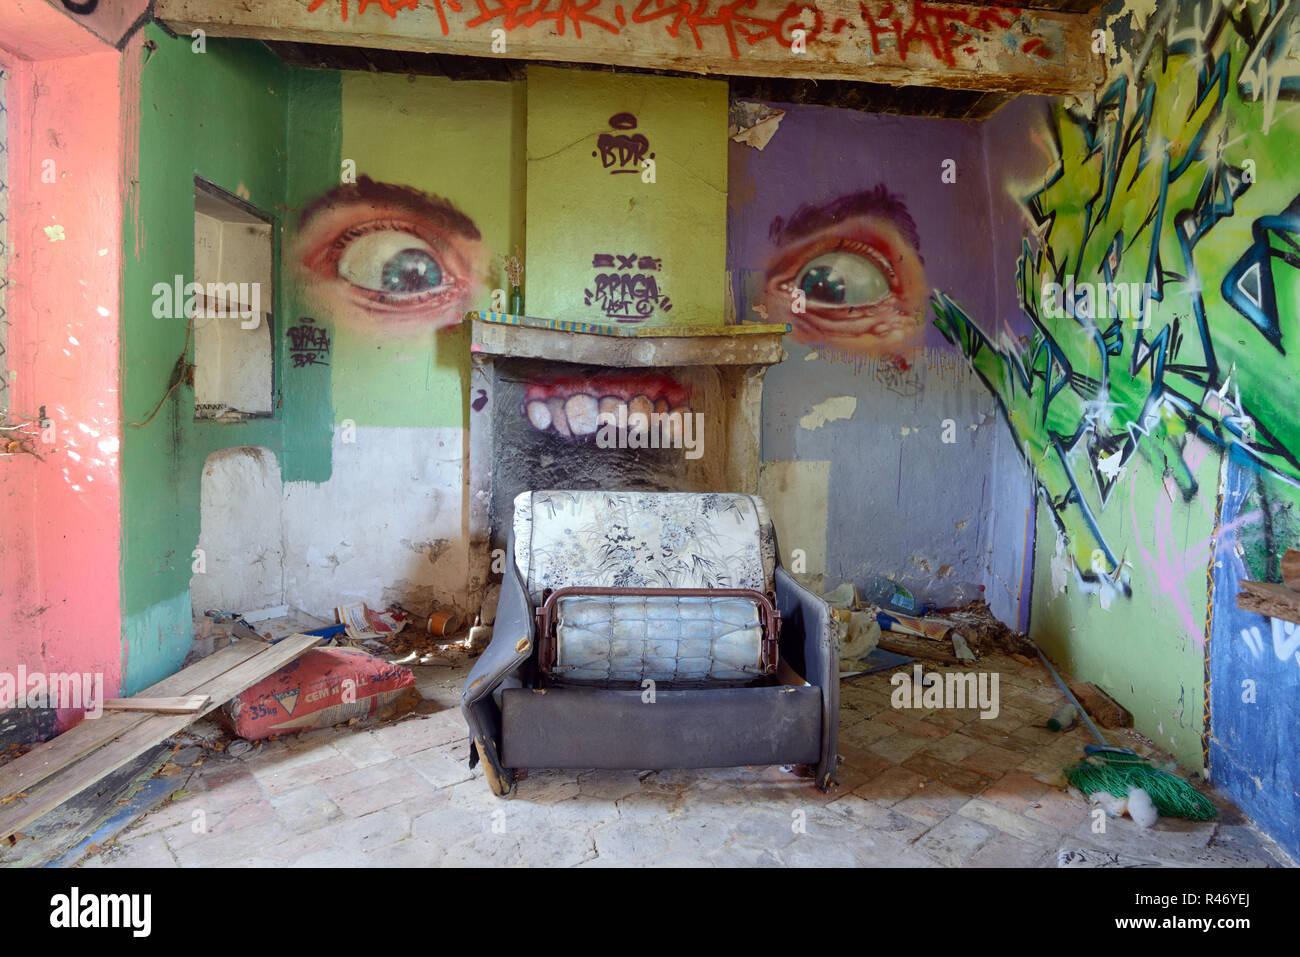 Des murs couverts de graffitis, de détritus éparpillés au sol et canapé cassée dans l'accroupissement Intérieur de maison abandonnée France Photo Stock